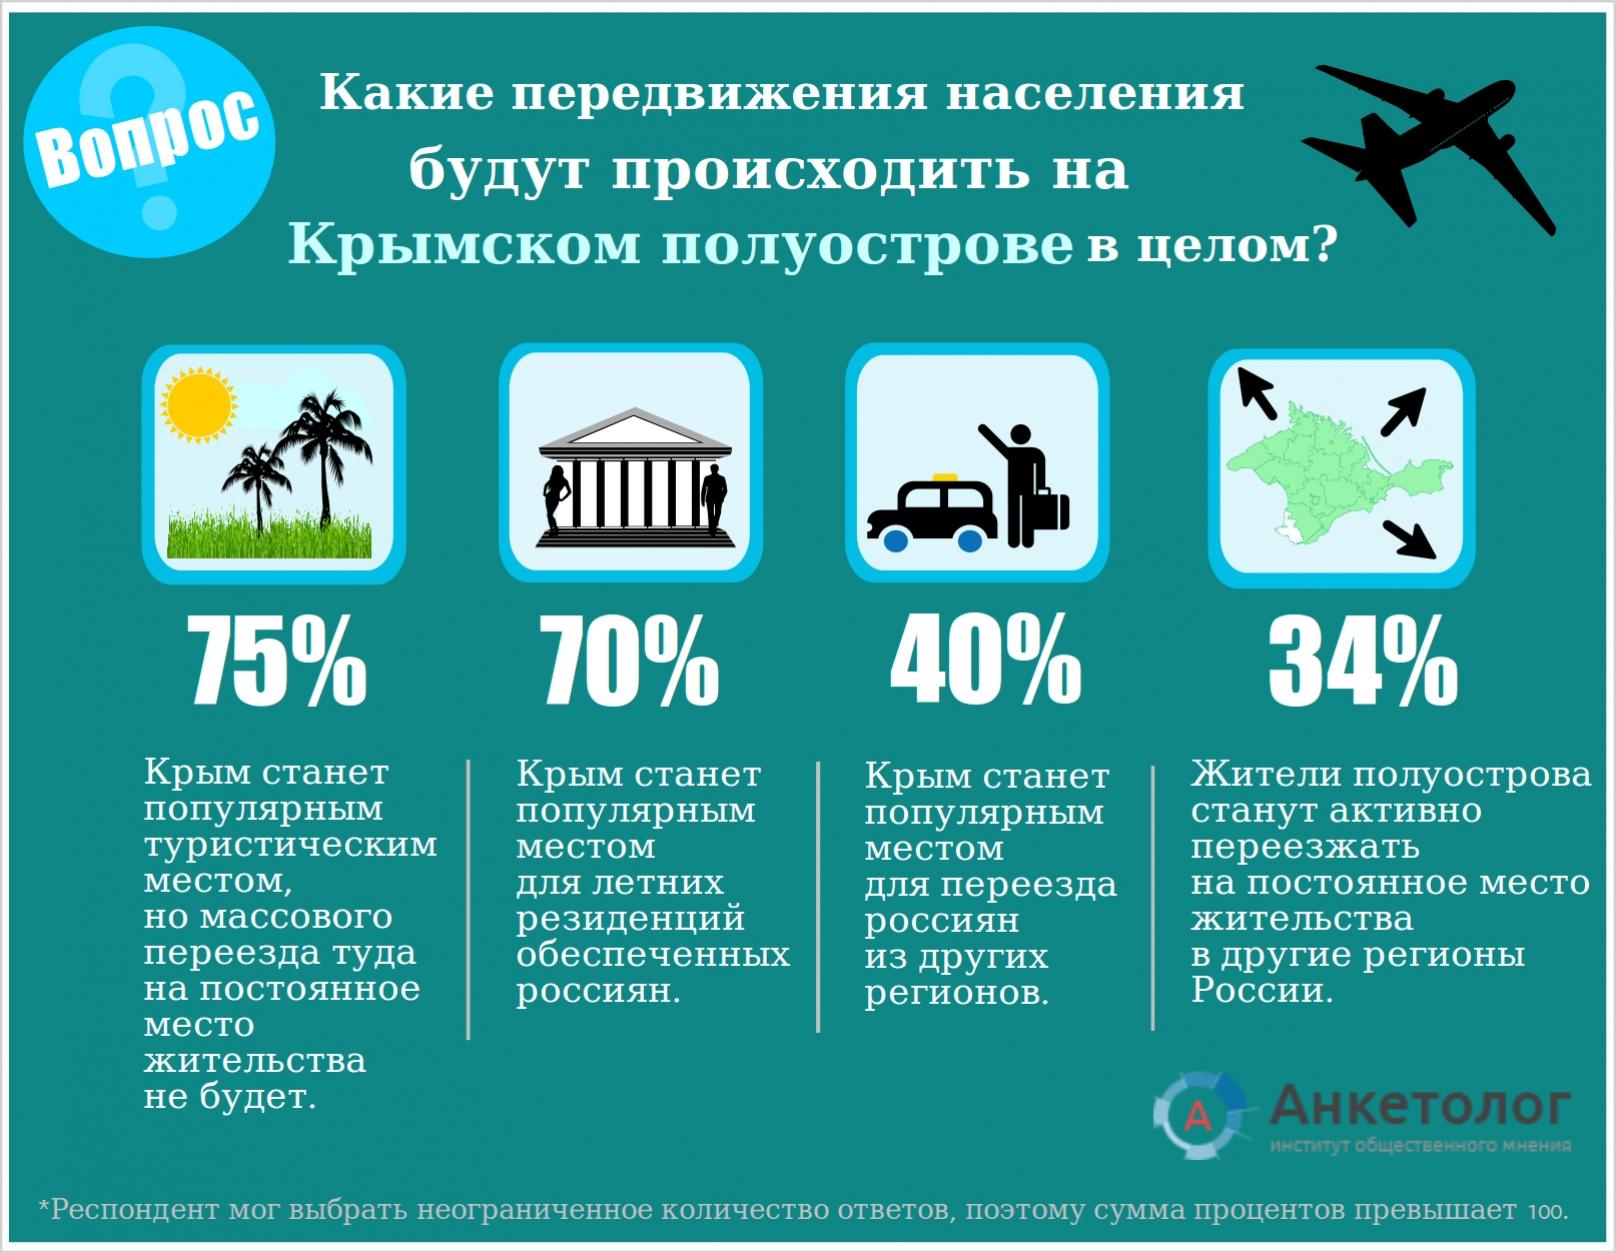 Кто хочет жить в Крыму, а кто только отдыхать